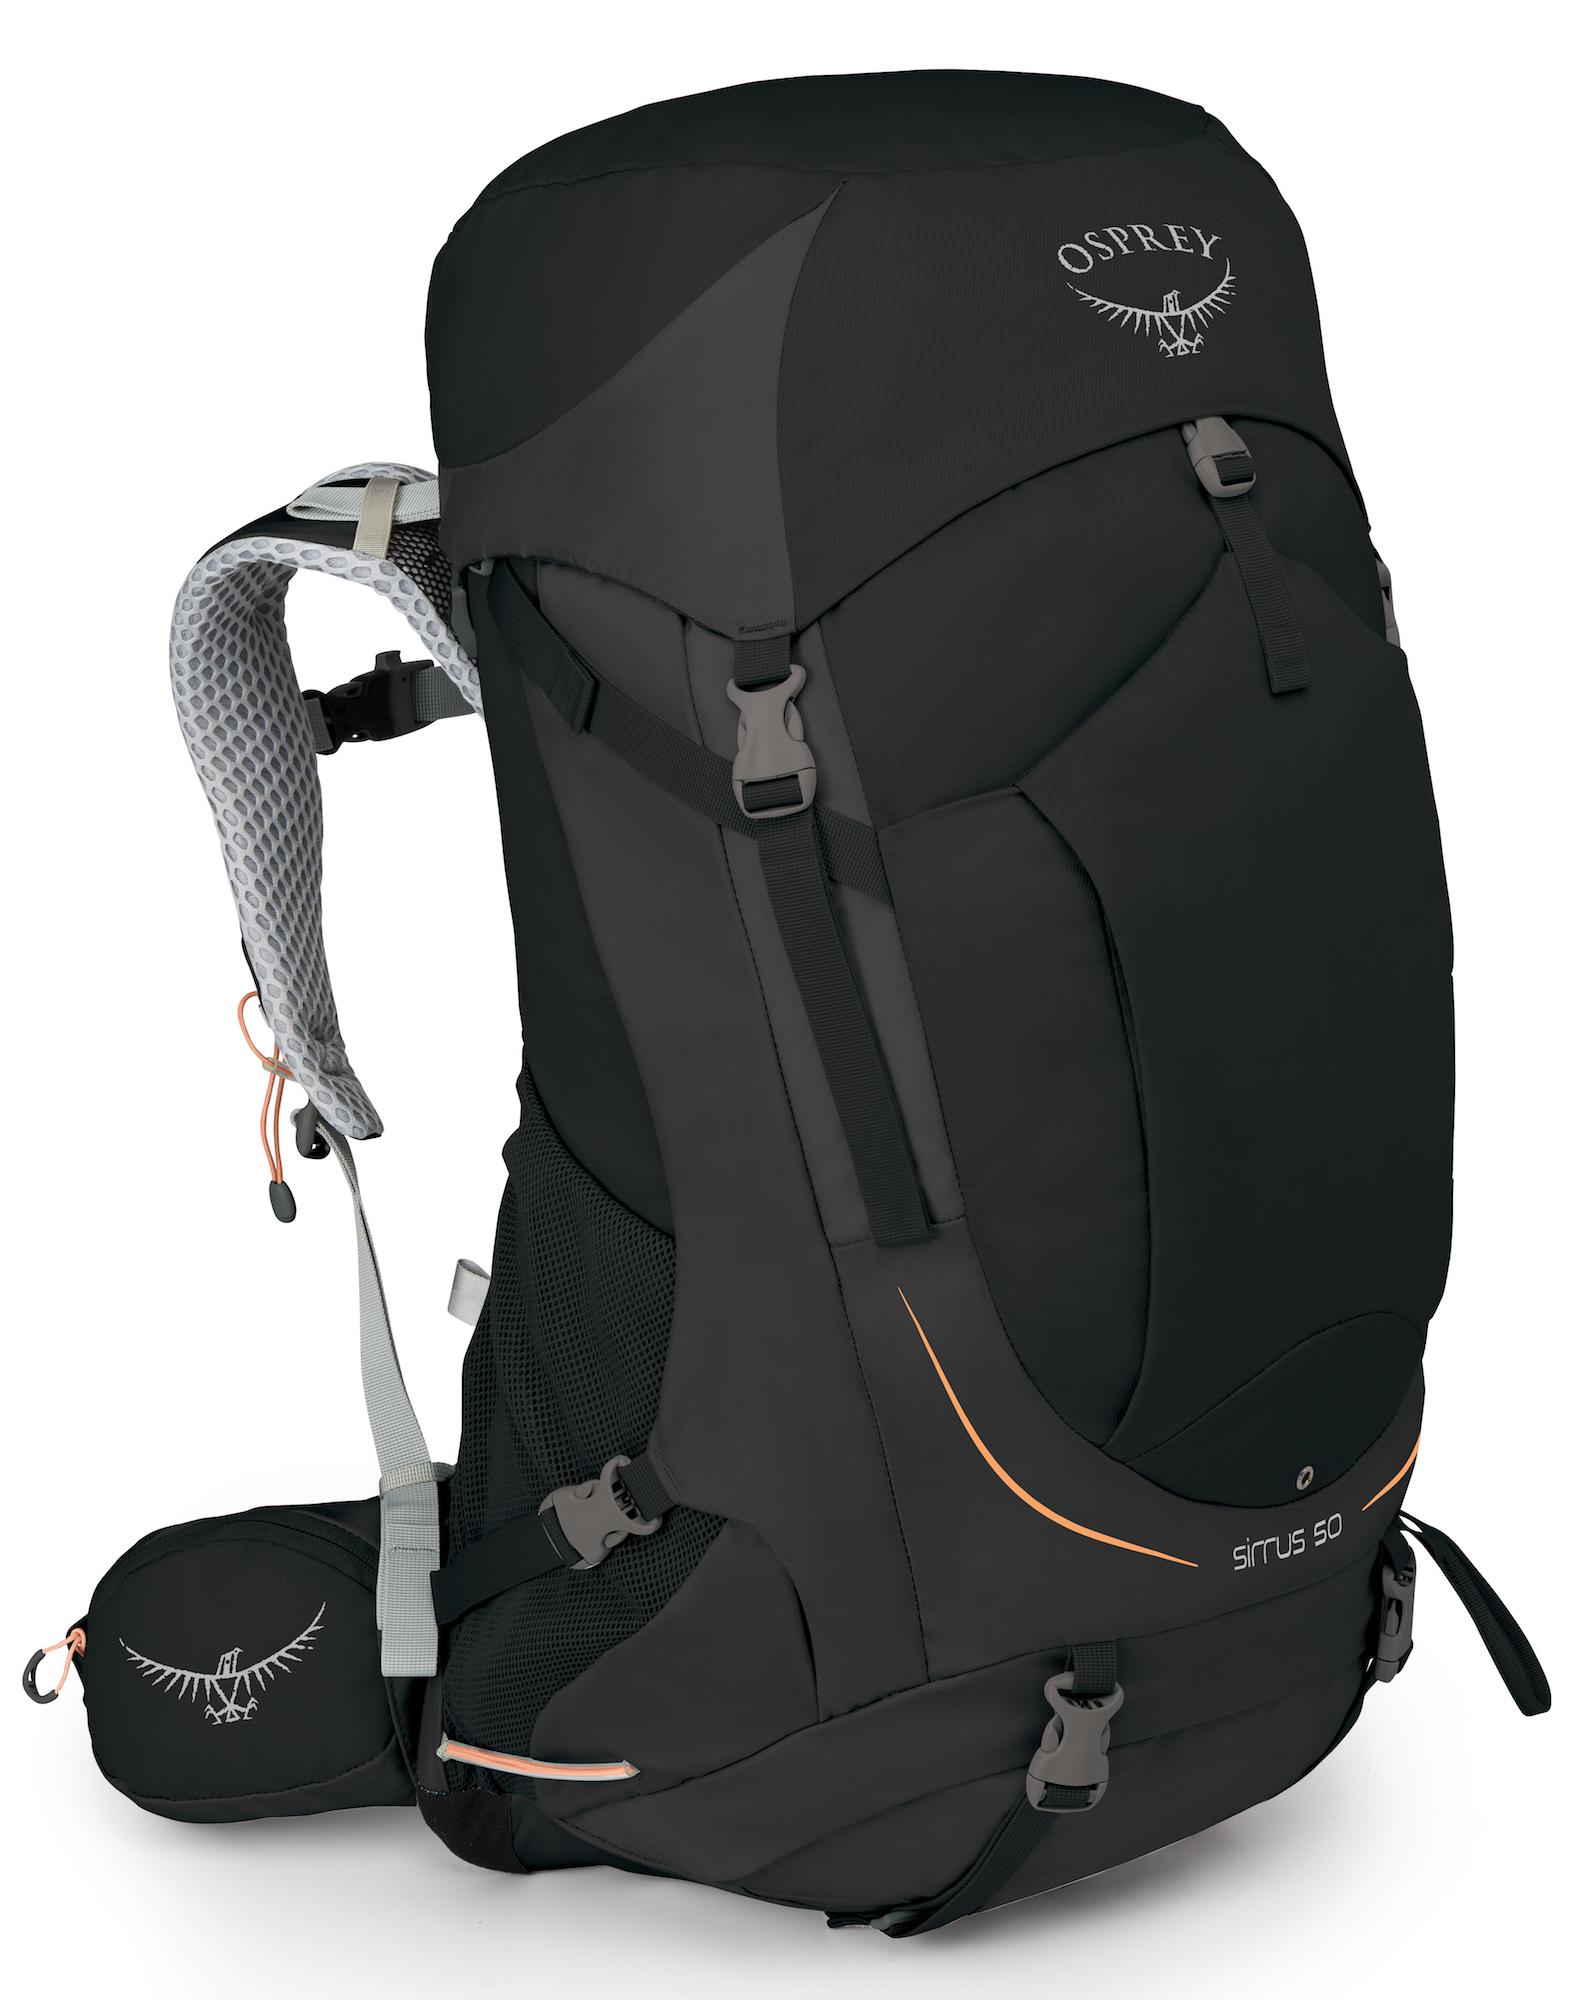 Osprey Sirrus 50 - Sac à dos femme